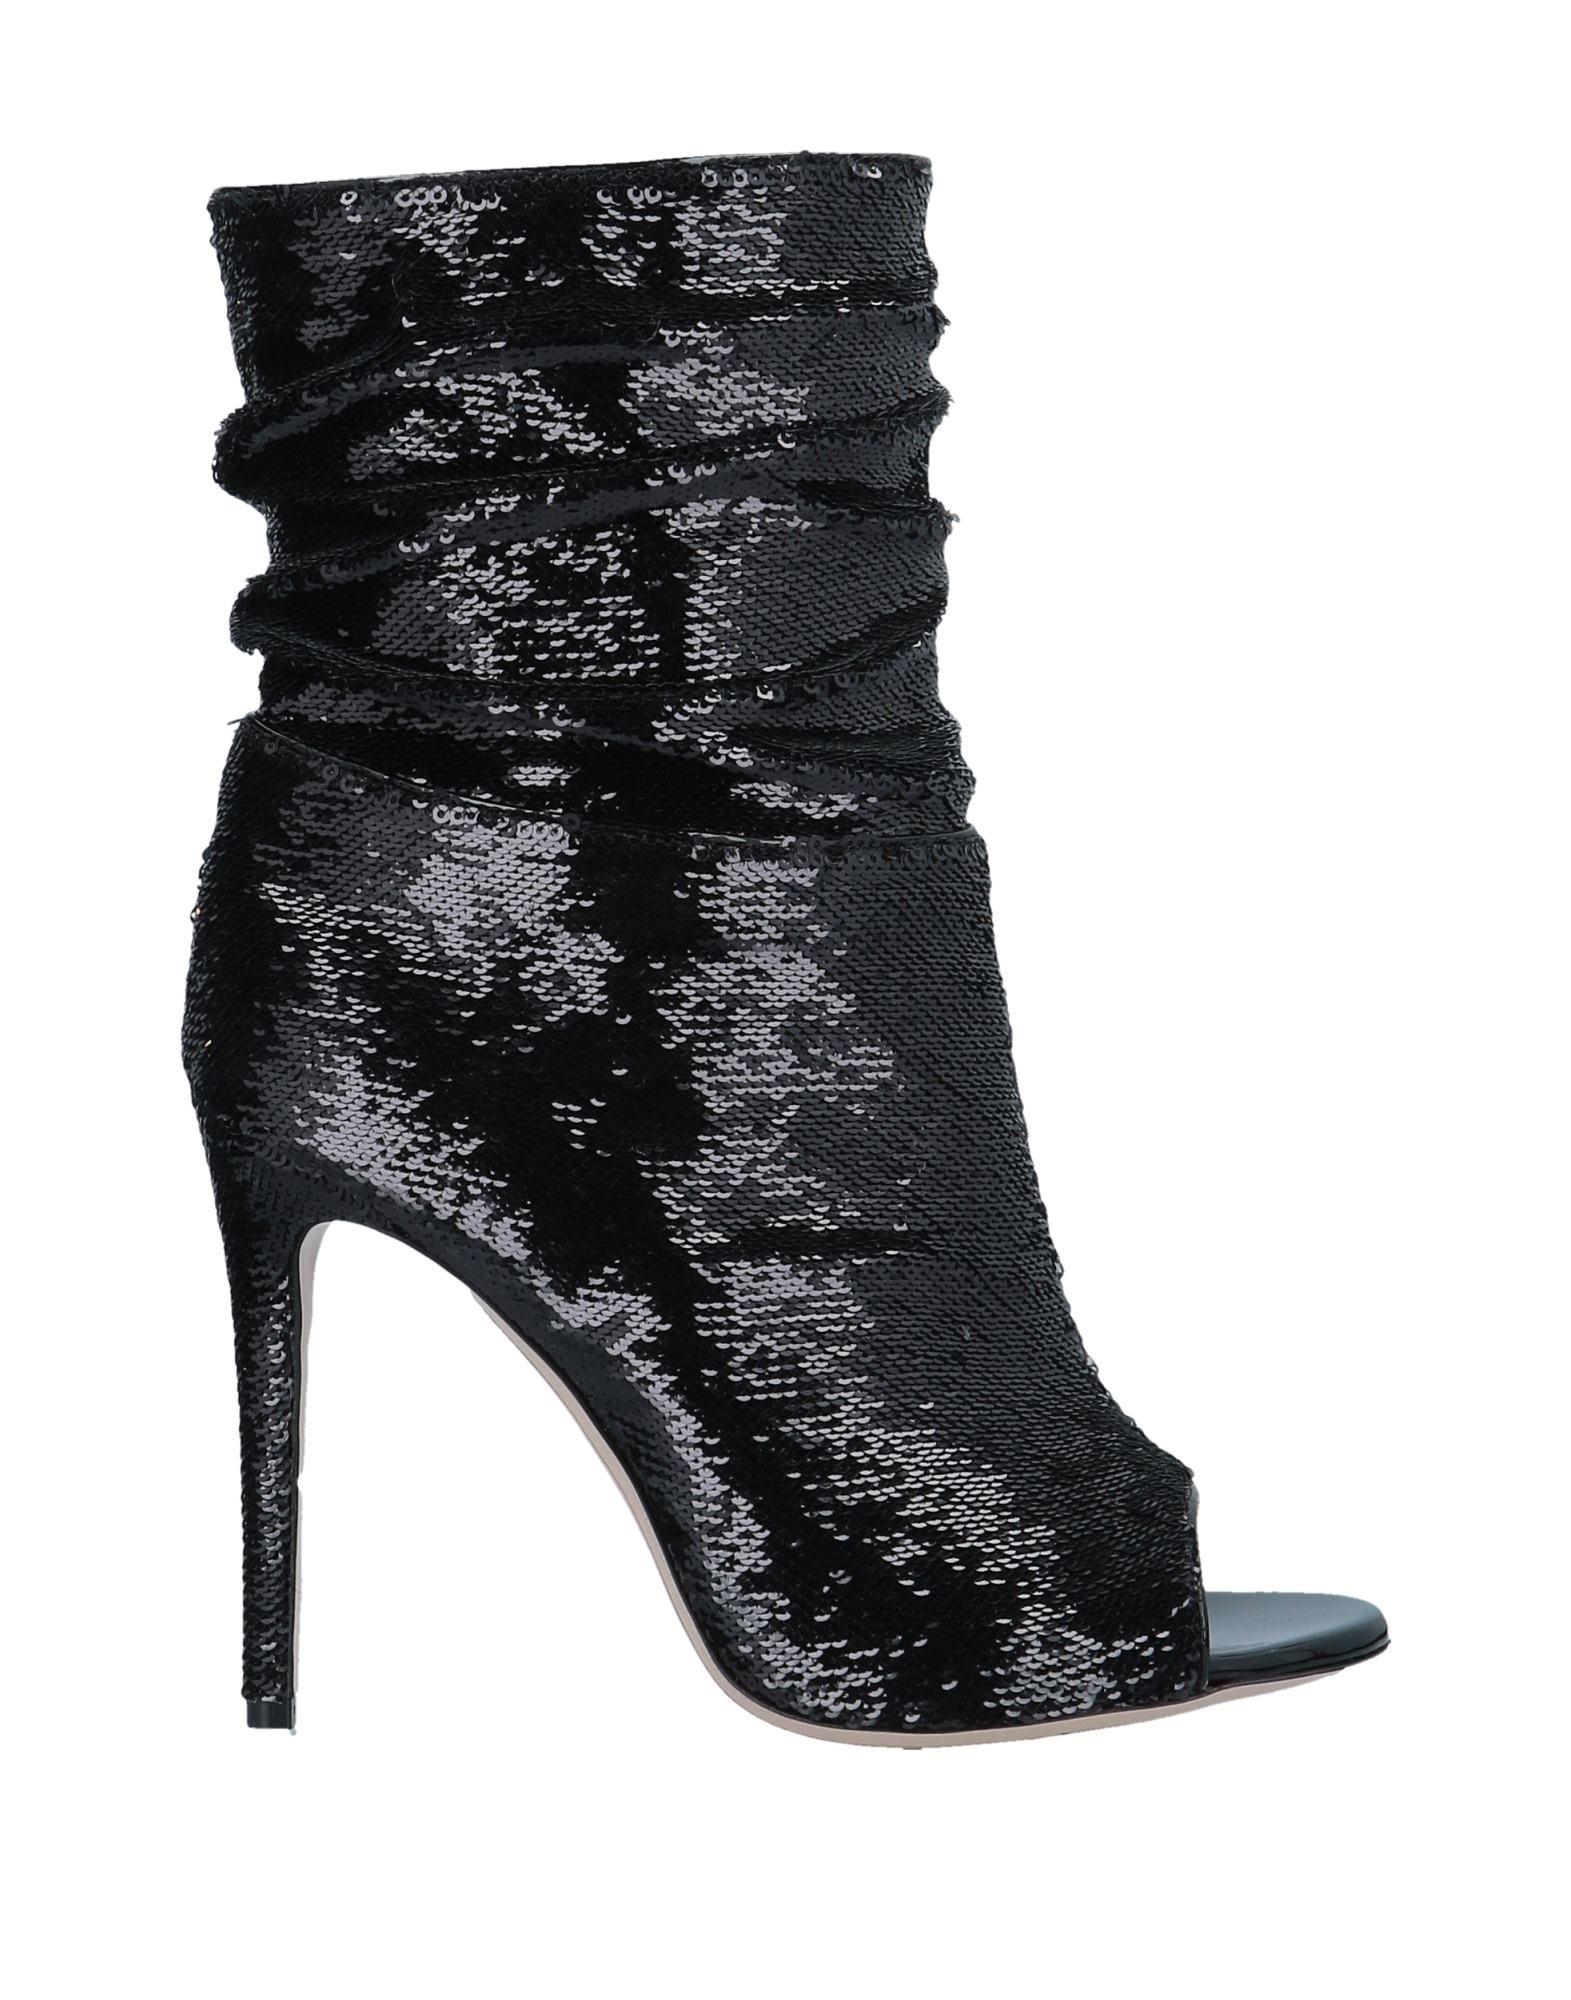 DEIMILLE Полусапоги и высокие ботинки плейбой бренд осенью открытый скалолазания и пешие прогулки досуга для дыхания и водонепроницаемым мужские ботинки